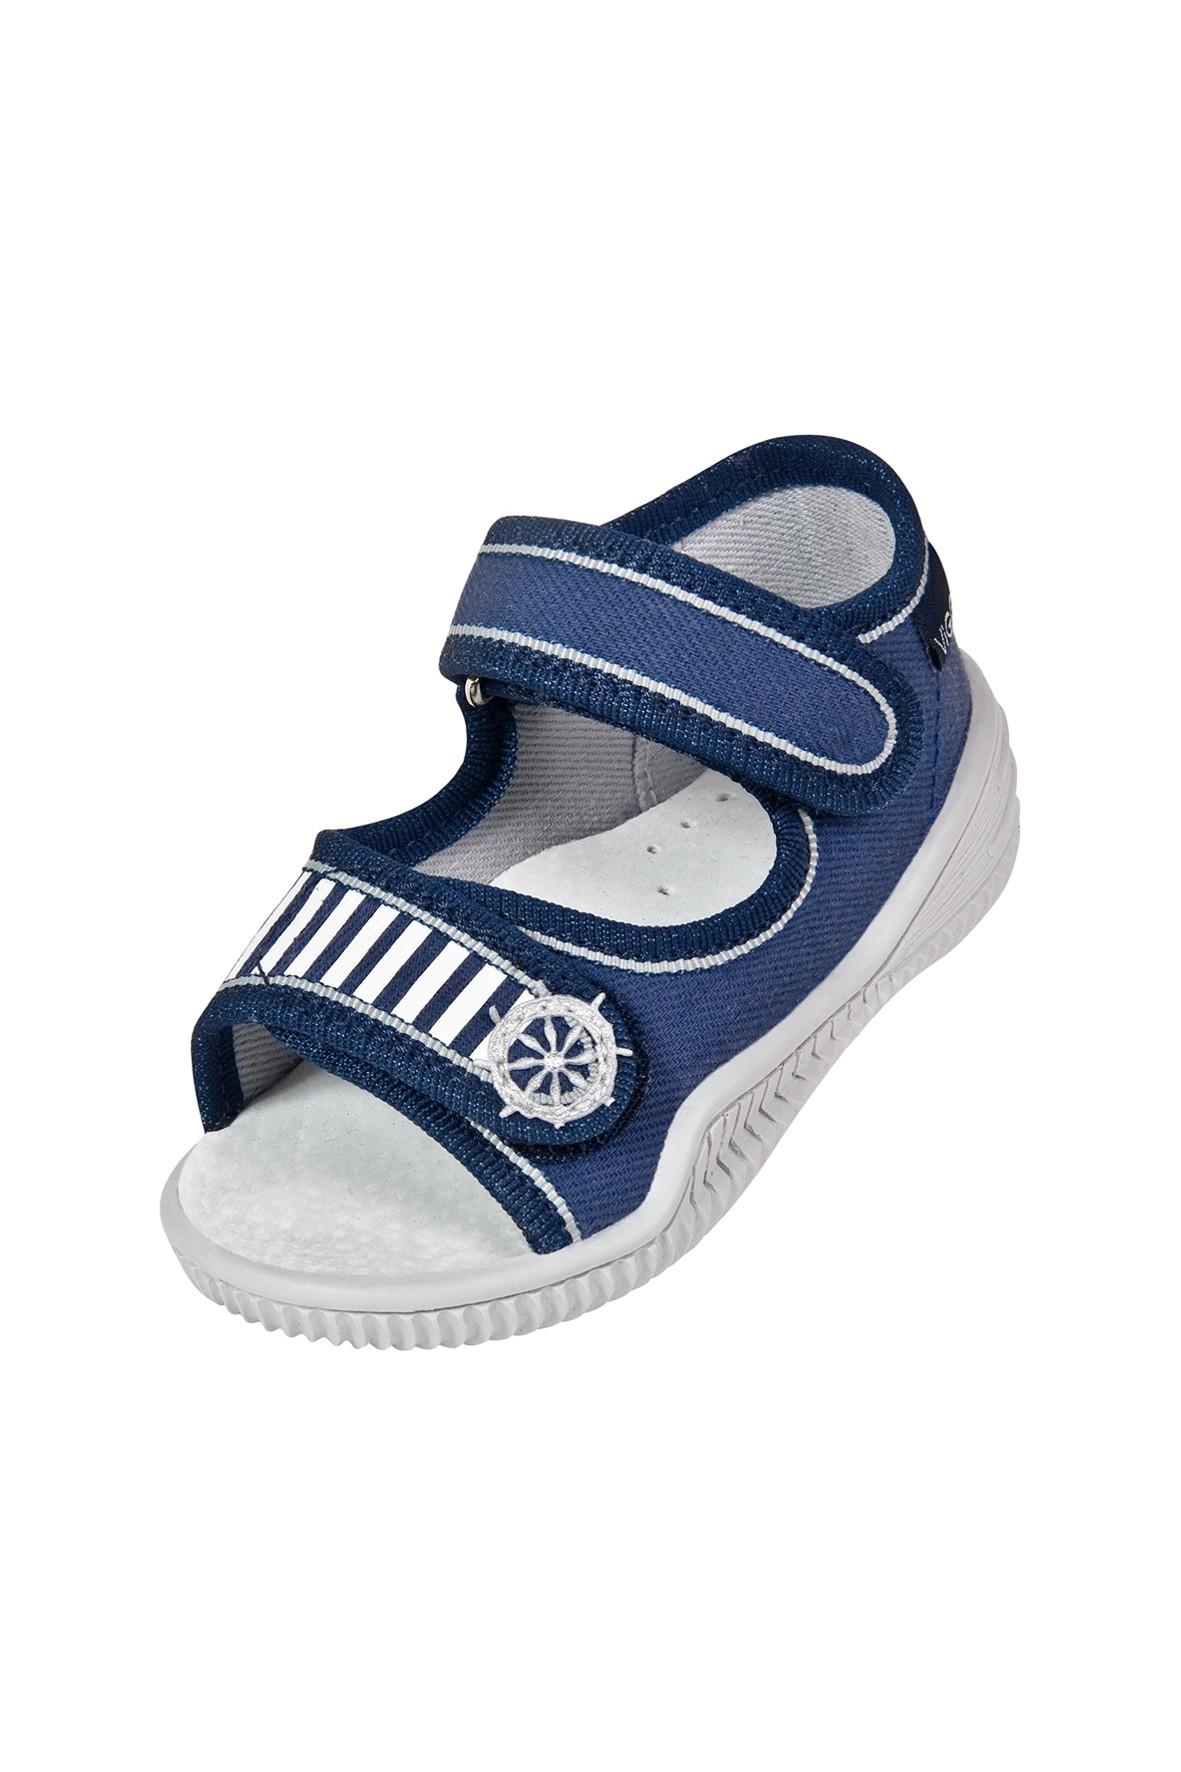 Buty chłopięce niebieskie zapinane na rzep